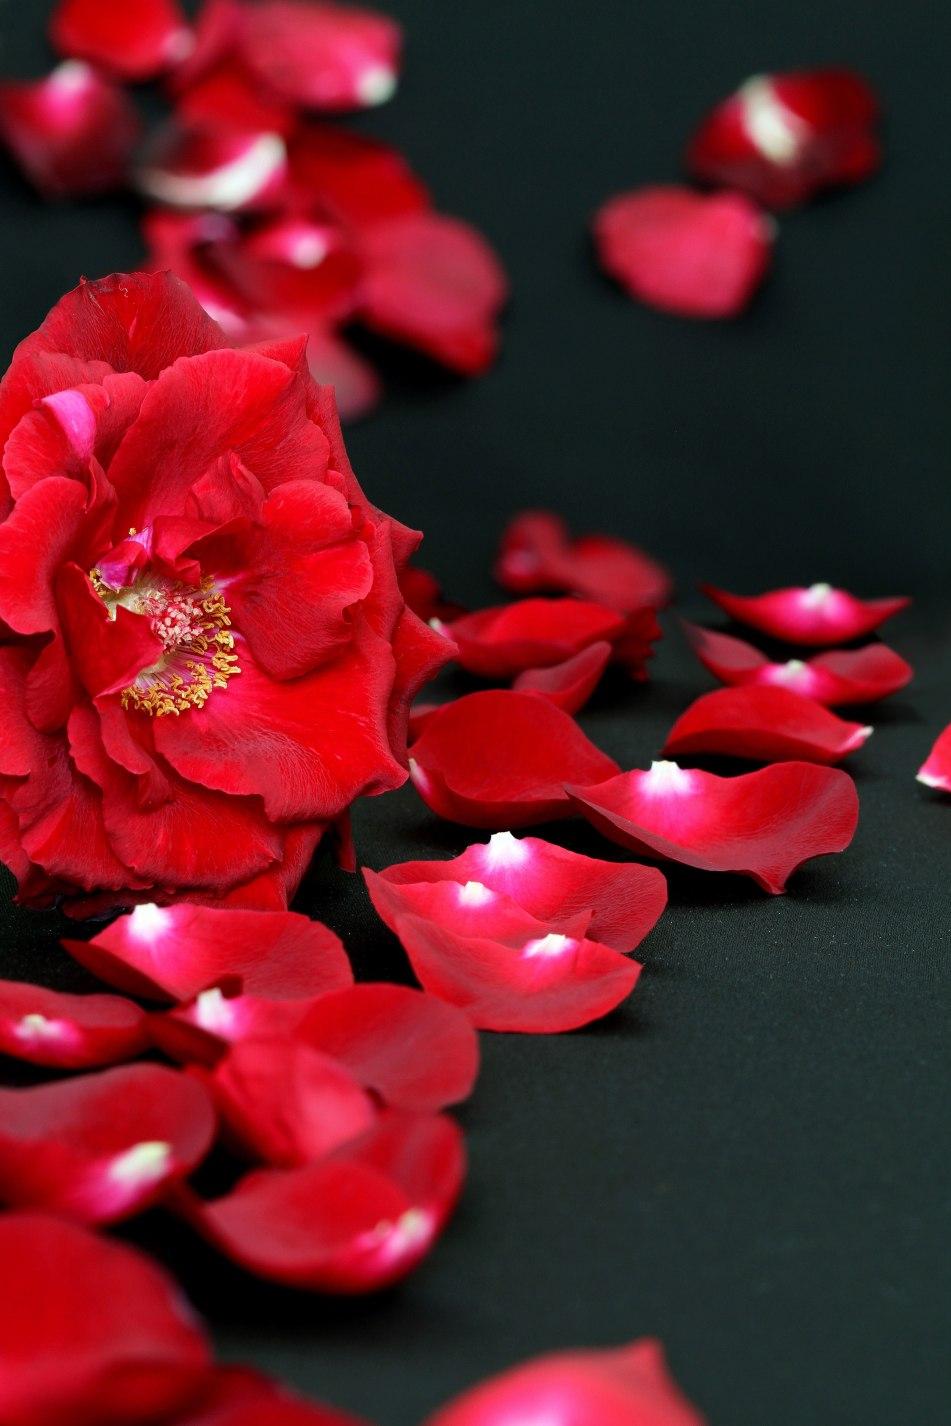 rote rosen verpasst ganze folgen. Black Bedroom Furniture Sets. Home Design Ideas